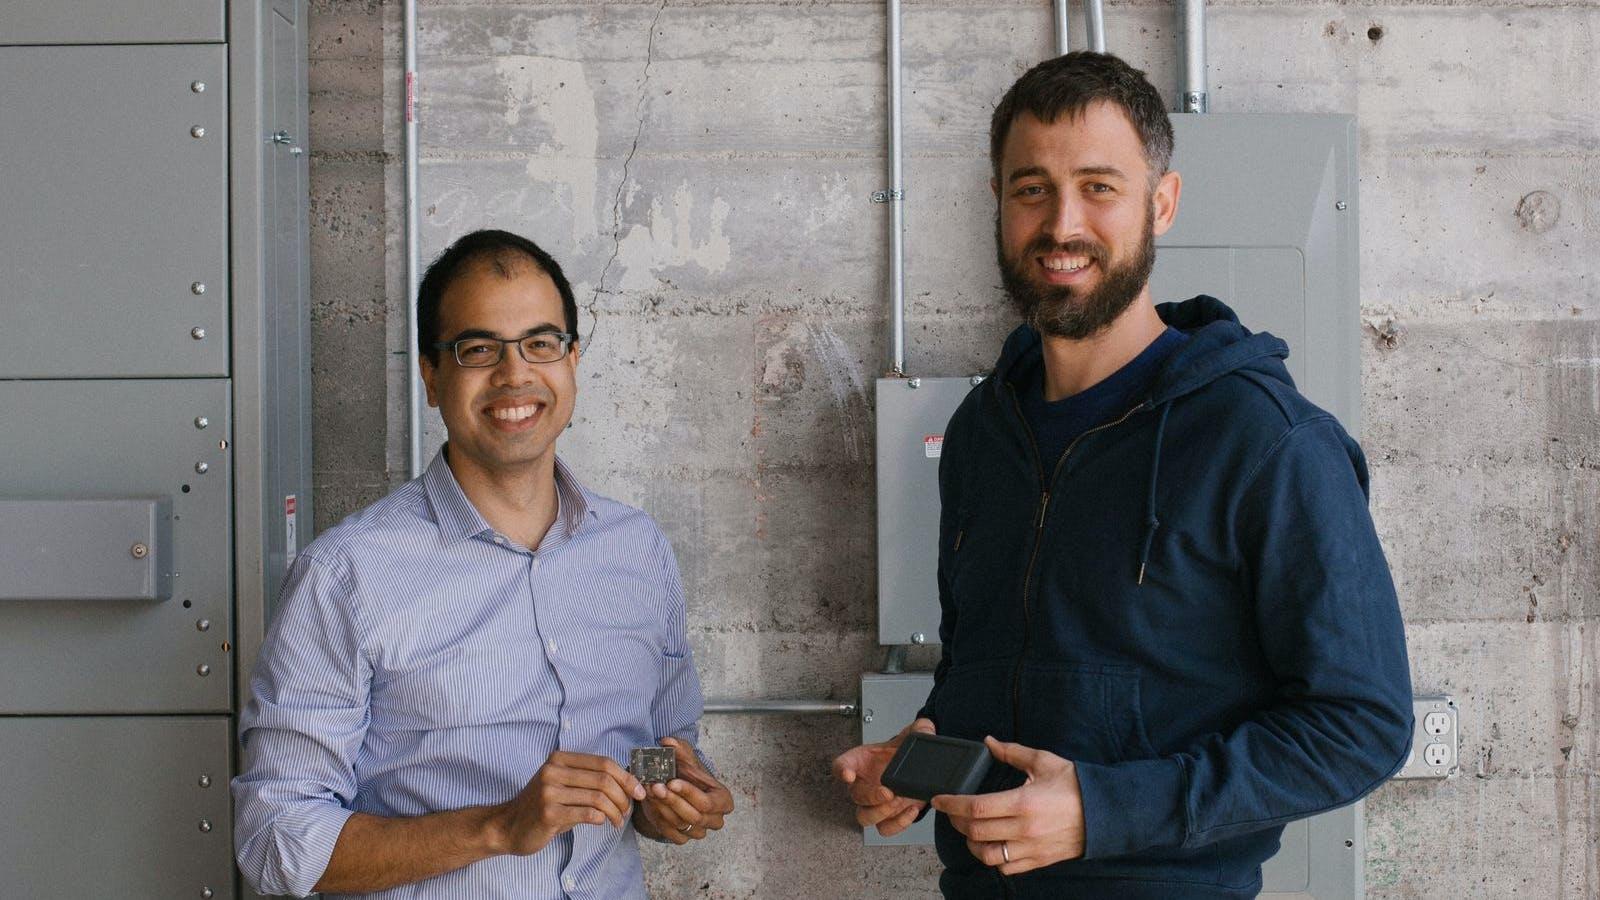 Samsara co-founders Sanjit Biswas (left) and John Bicket. Photo provided by Samsara